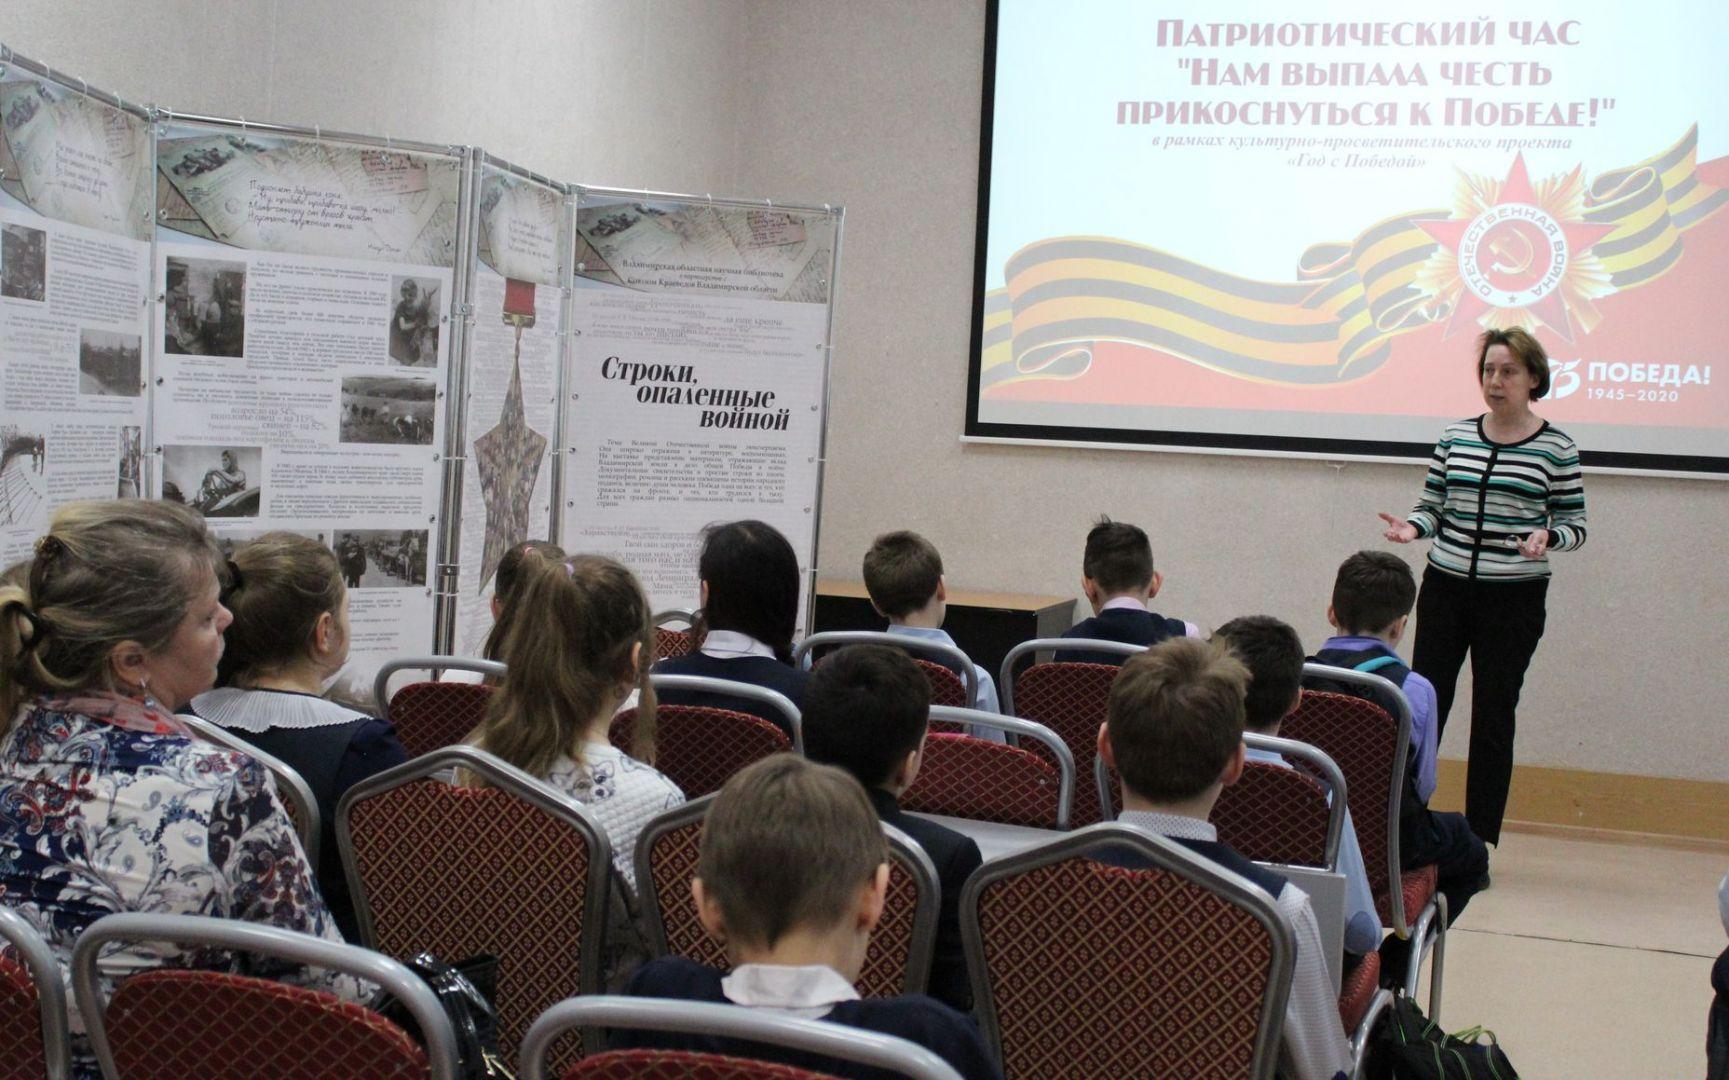 Ирина Мишина рассказывает о тематике планшетной выставки